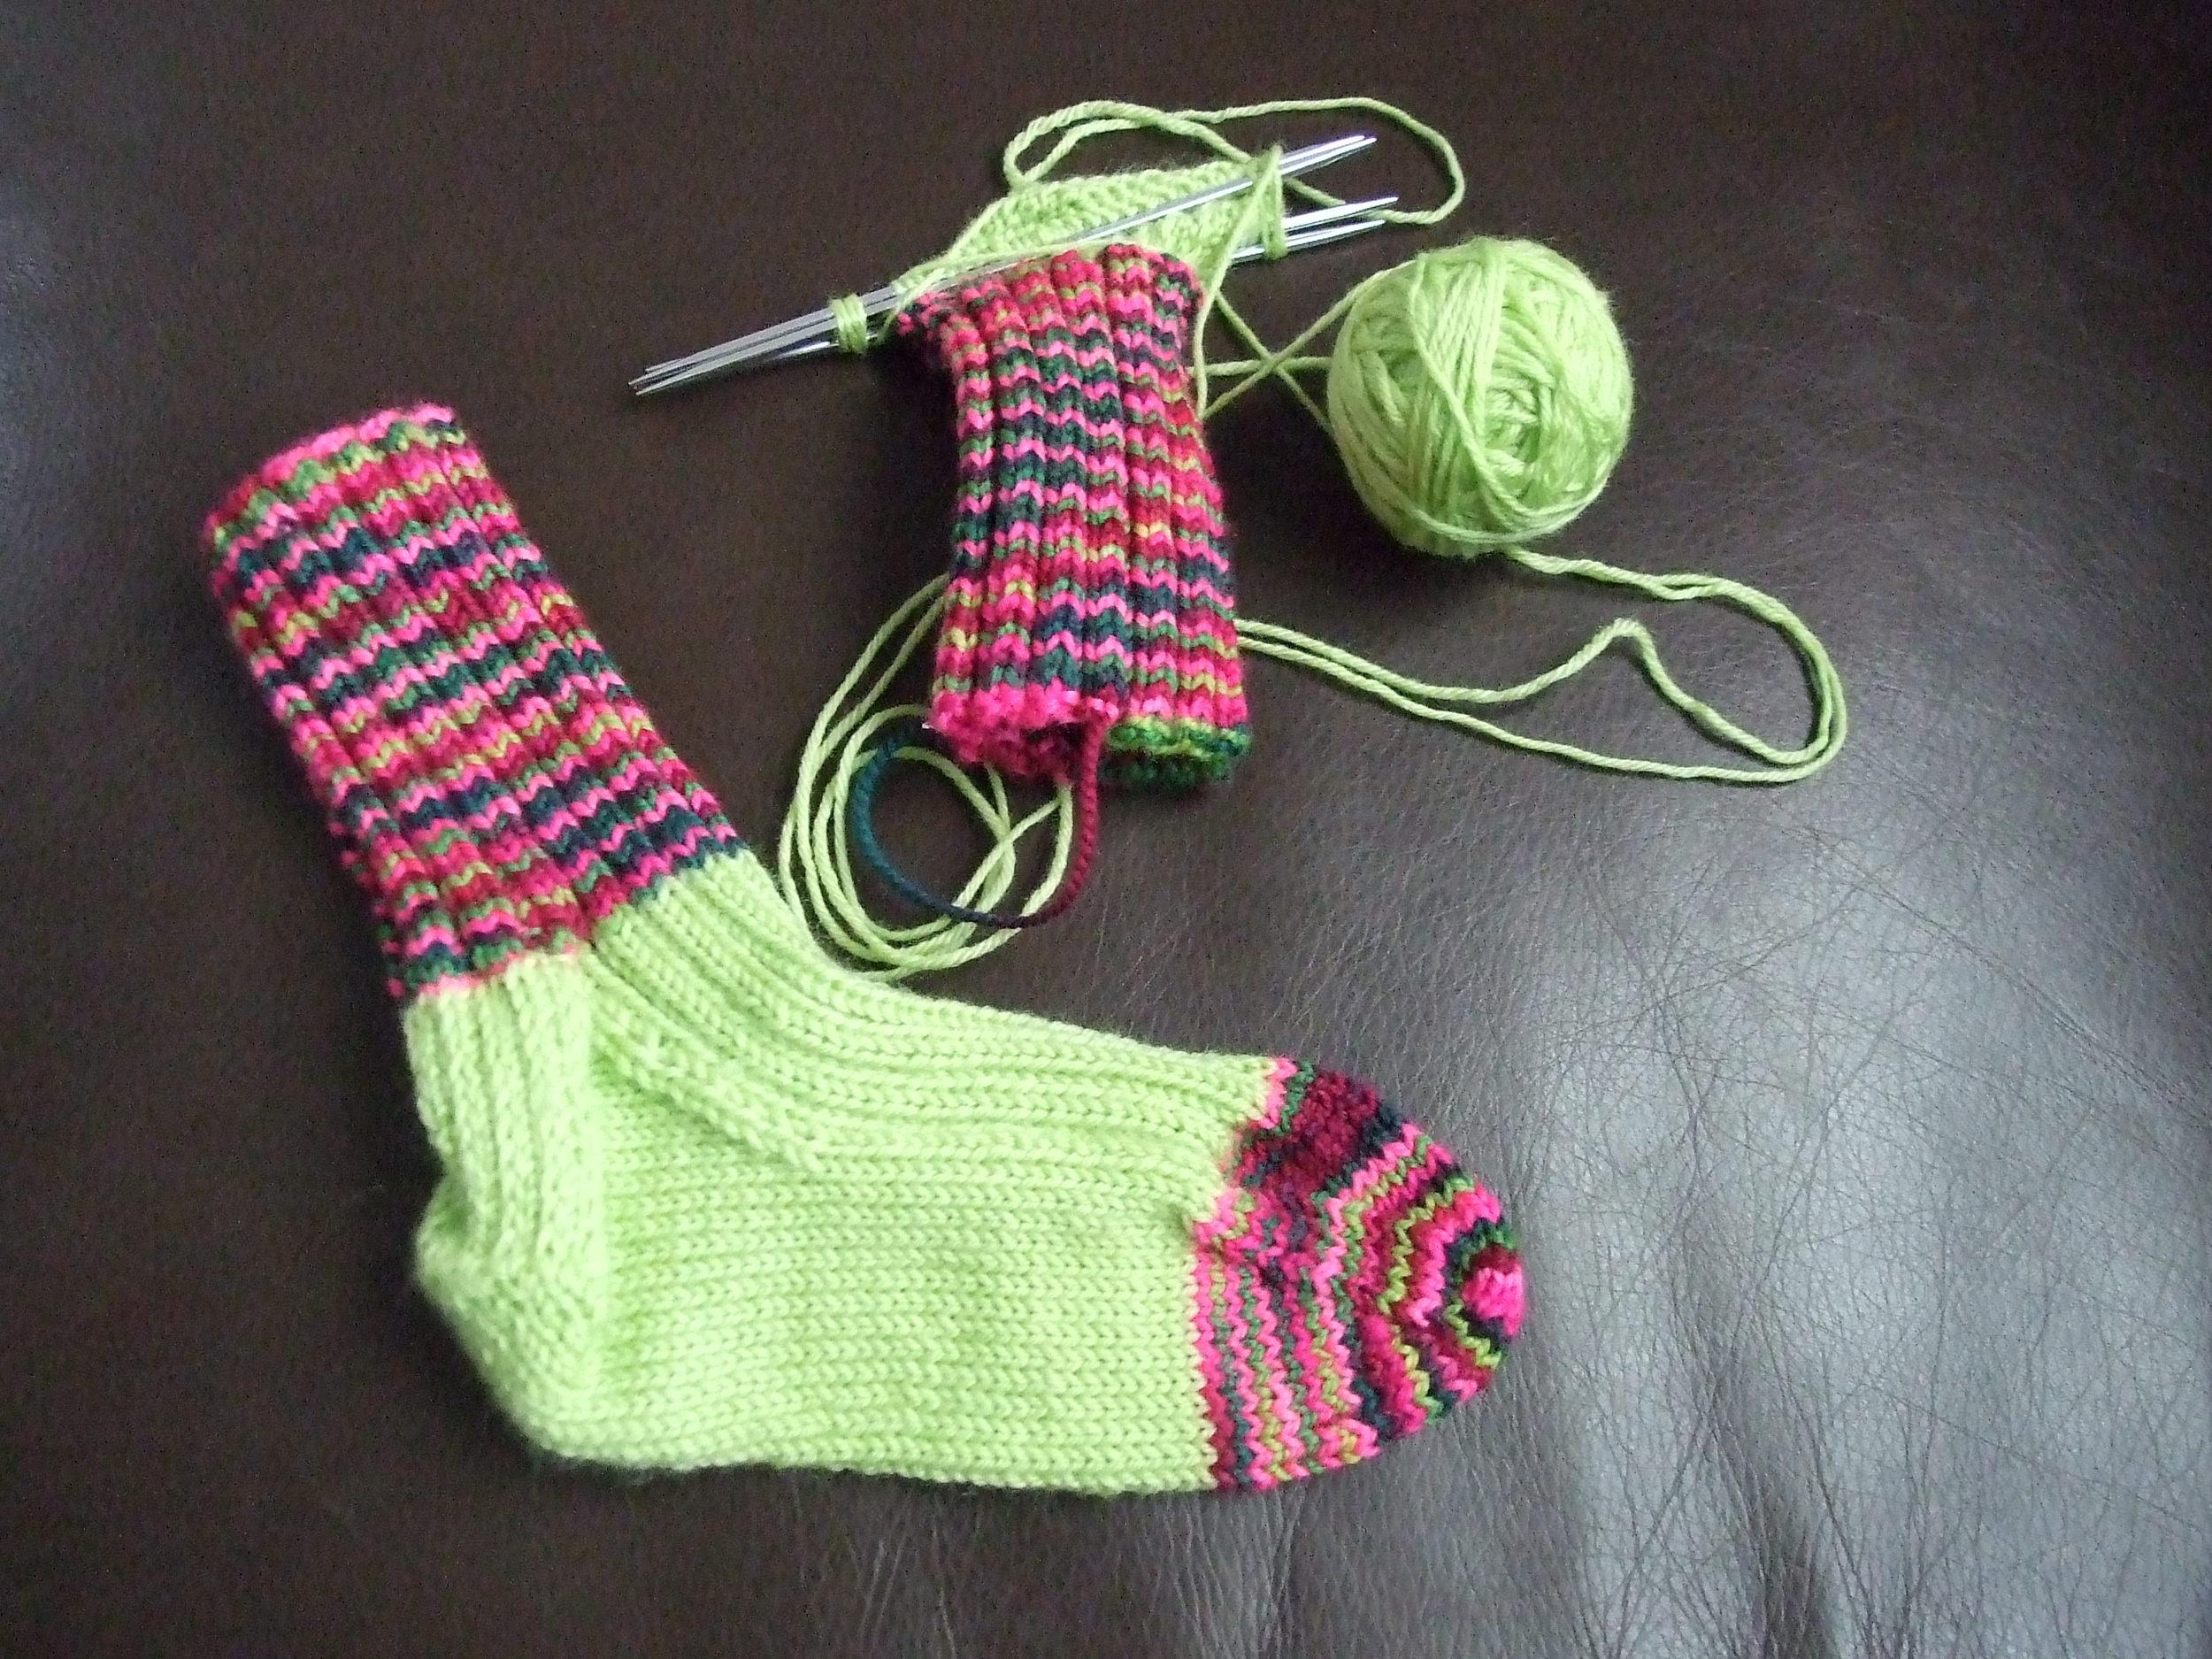 Toddler socks from scrap yarn.